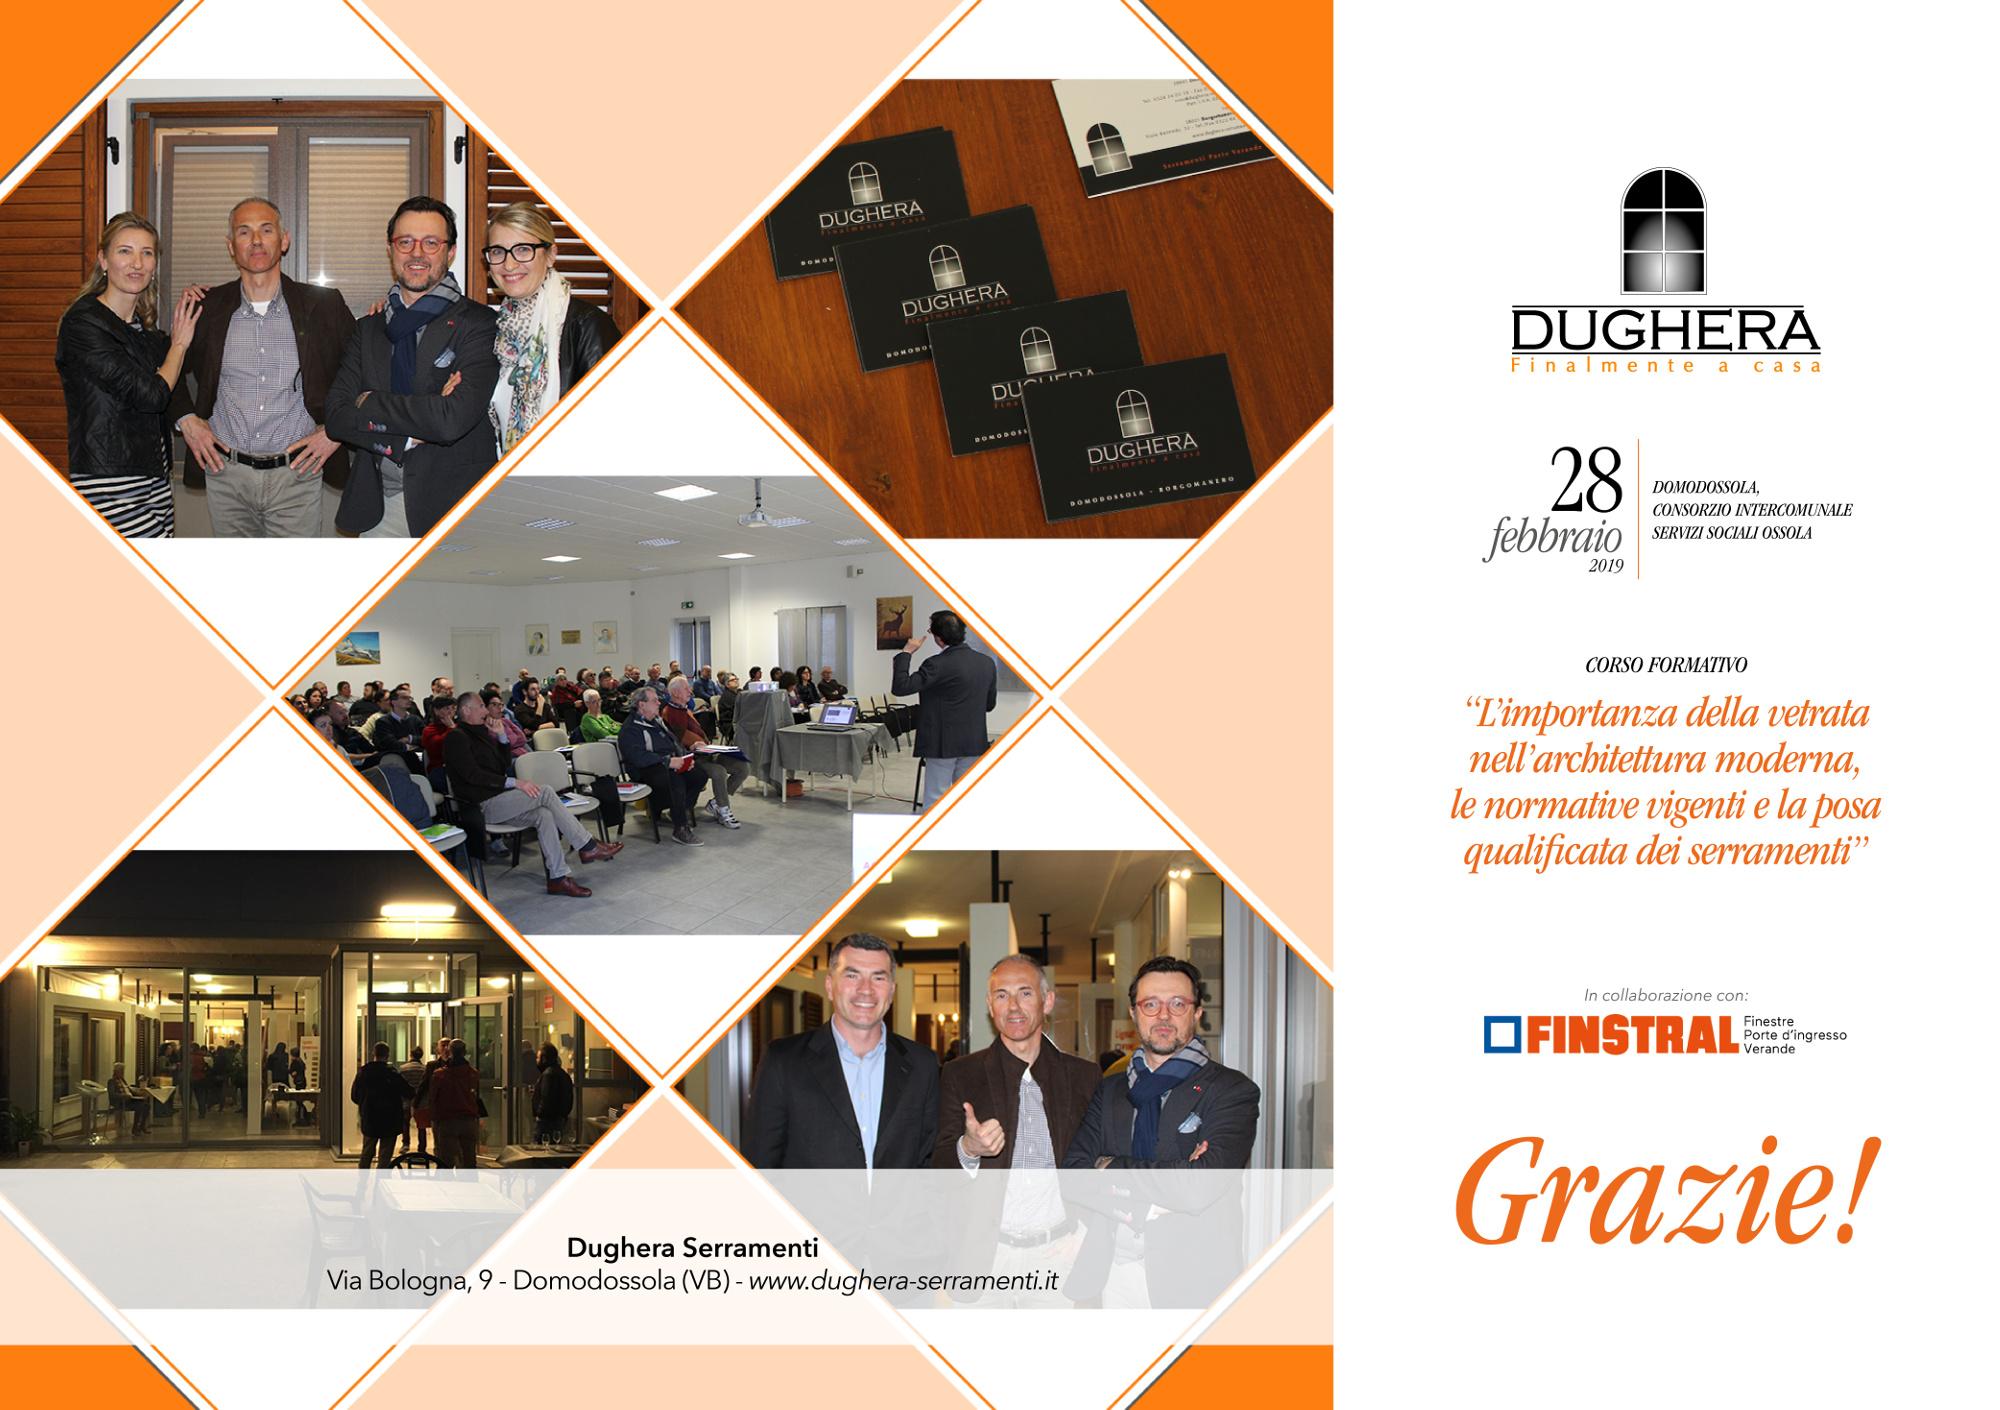 Le immagini del Corso Formativo Dughera con Finstral